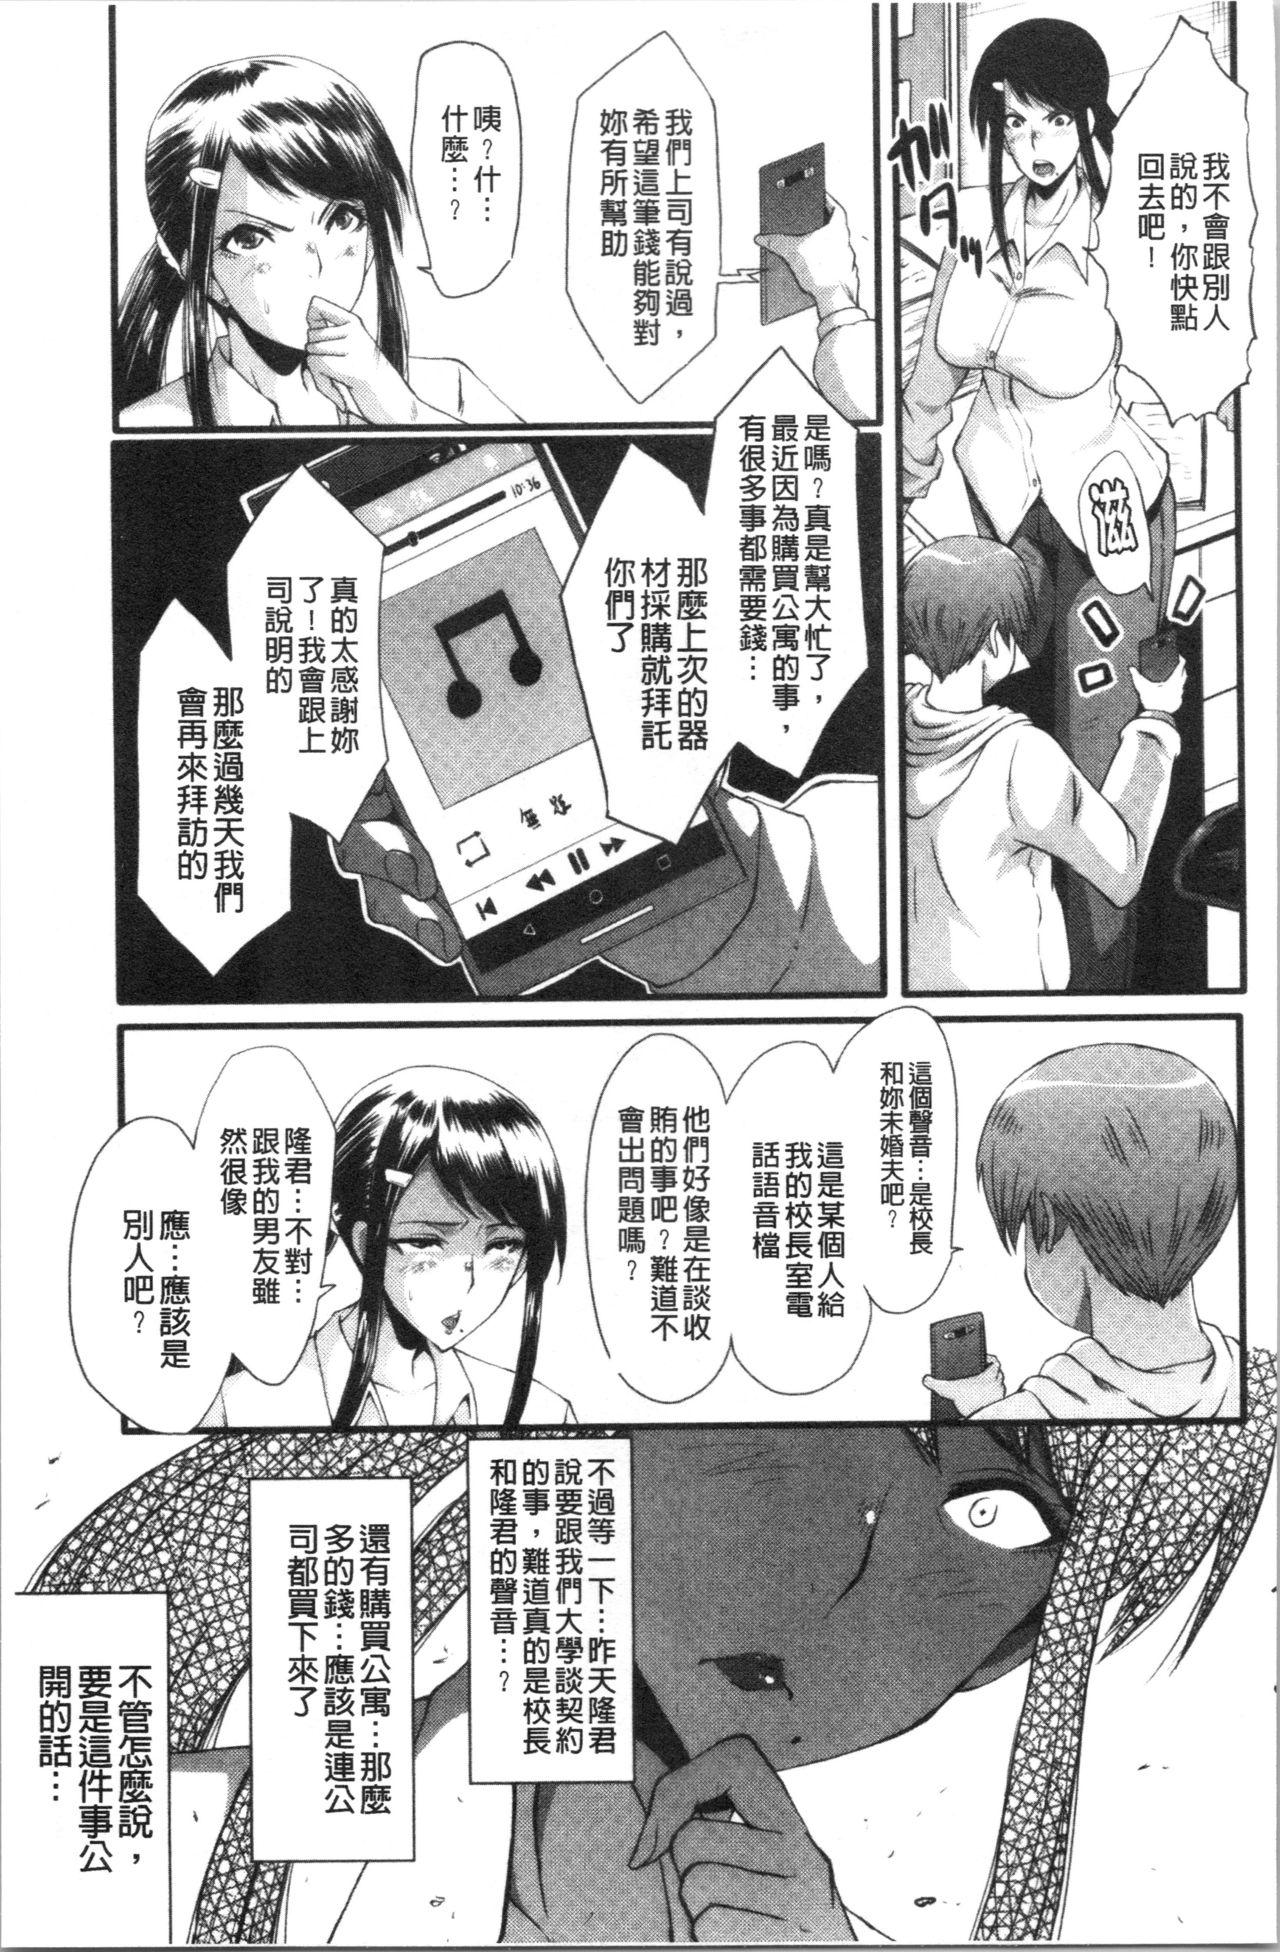 Bokuno Kanojo ga Kusogaki ni Netorareta Hanashi 56